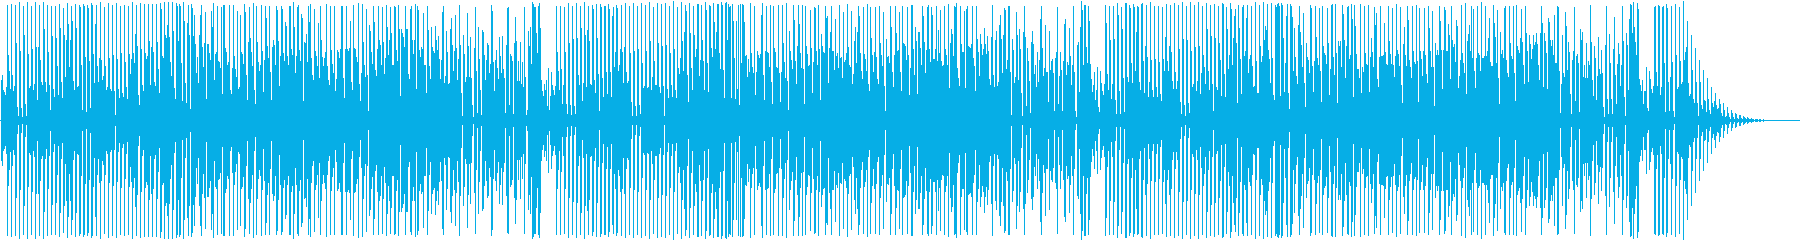 少し間抜けで明るい雰囲気のポップBGMの再生済みの波形